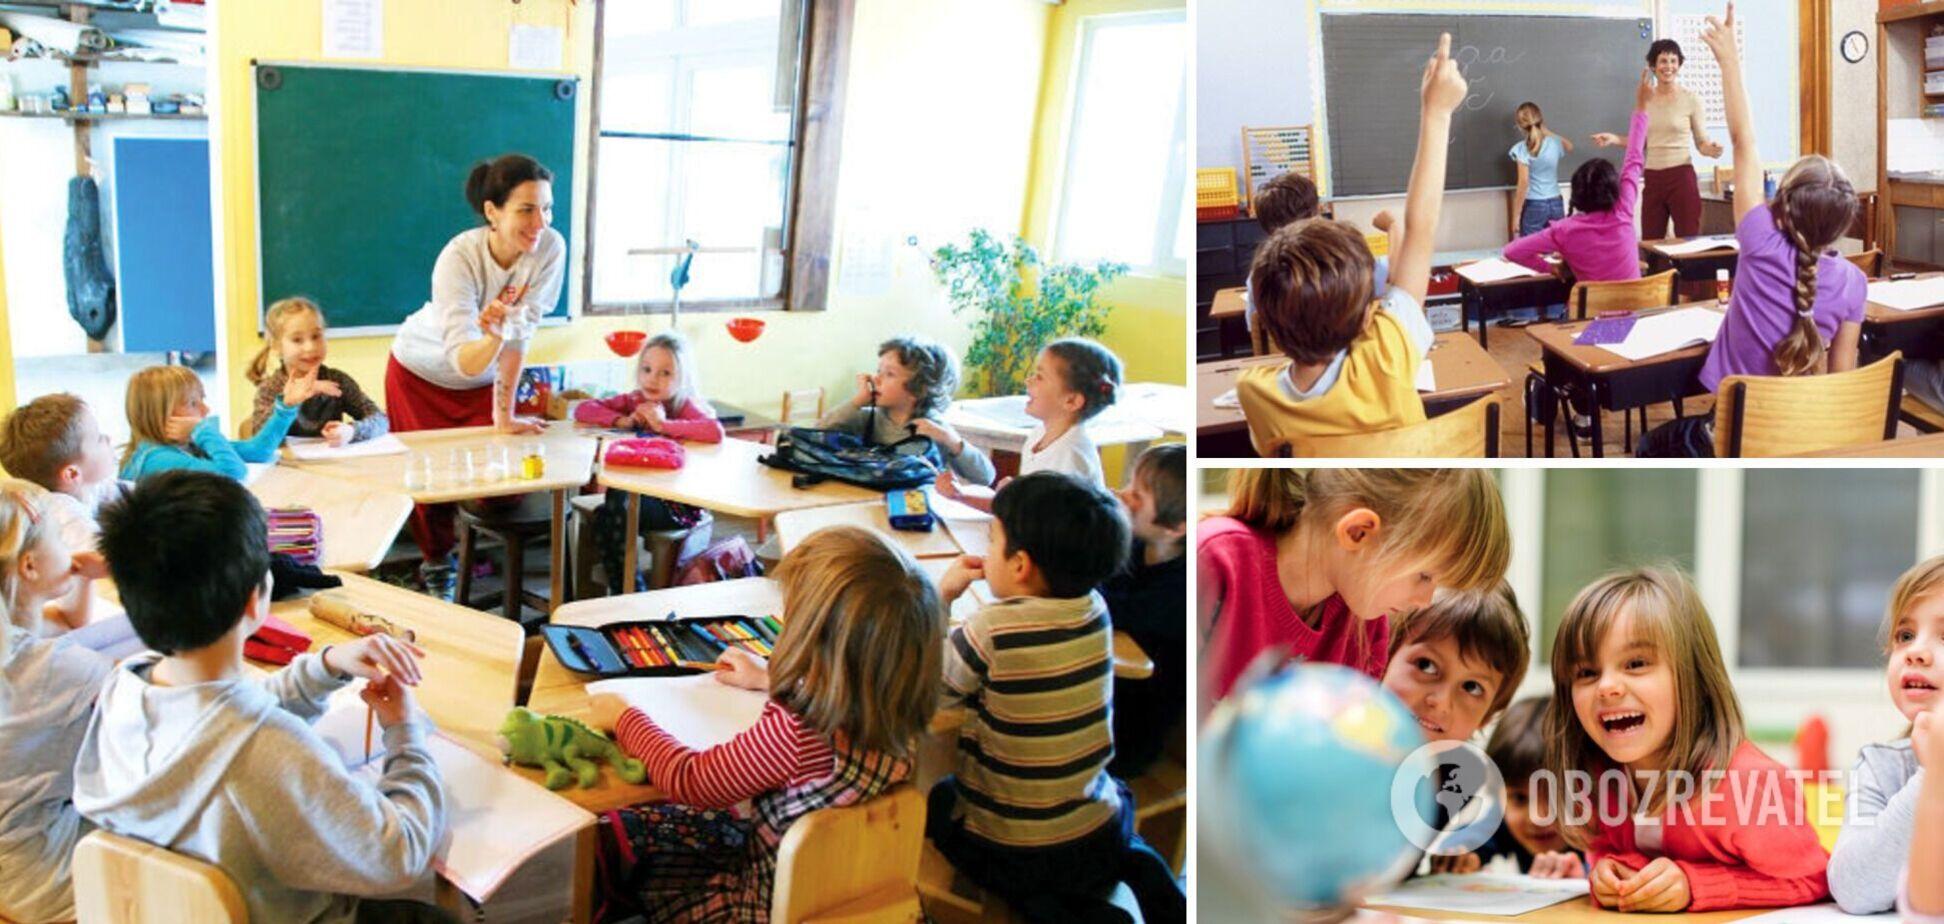 В Украине введут новую систему оценивания учеников младших классов: что изменится